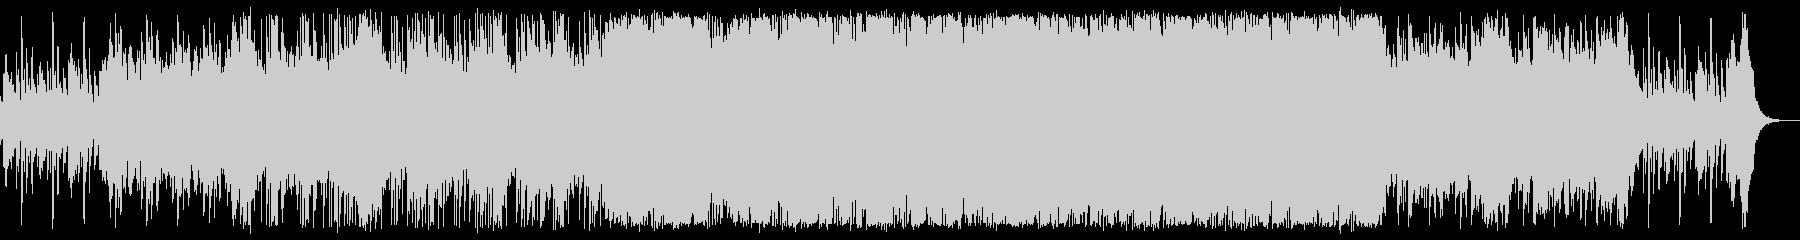 ハープとピアノが綺麗な三拍子のBGMの未再生の波形